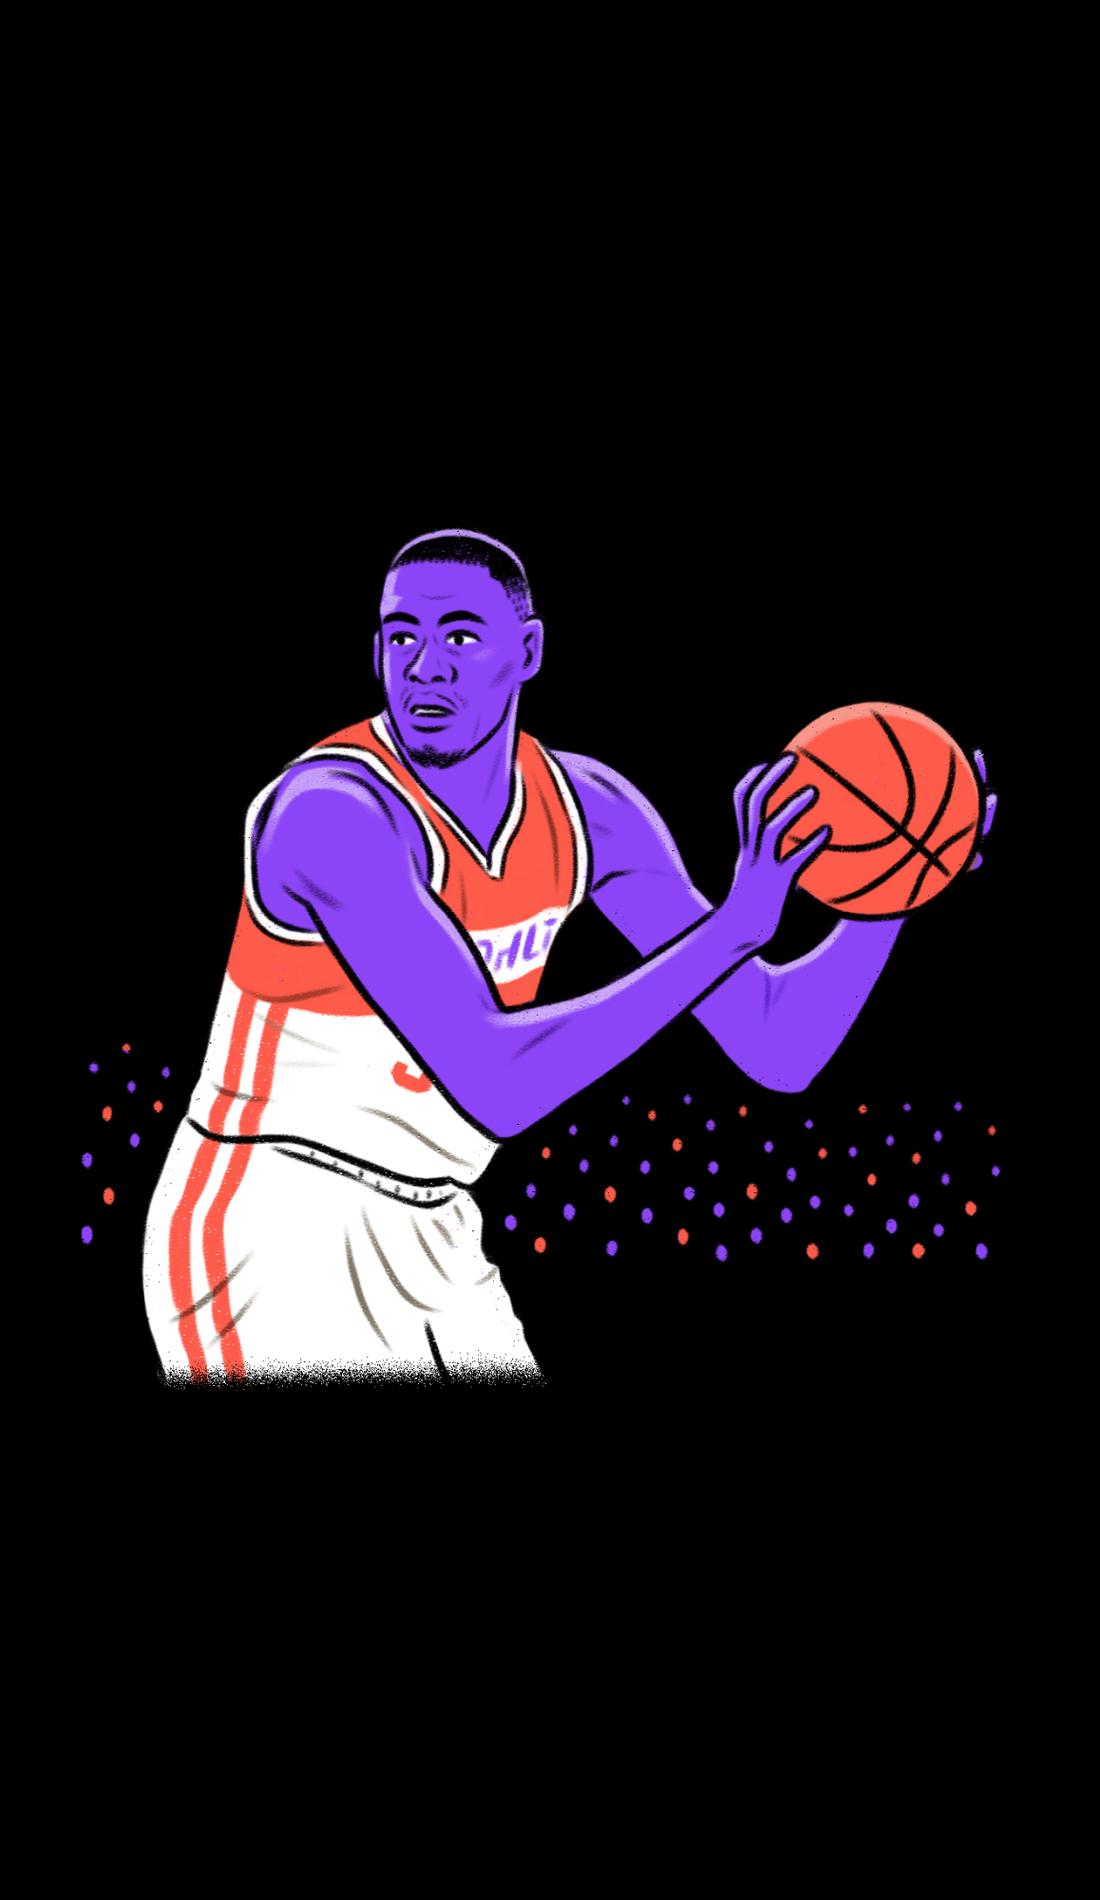 A Duquesne Dukes Basketball live event